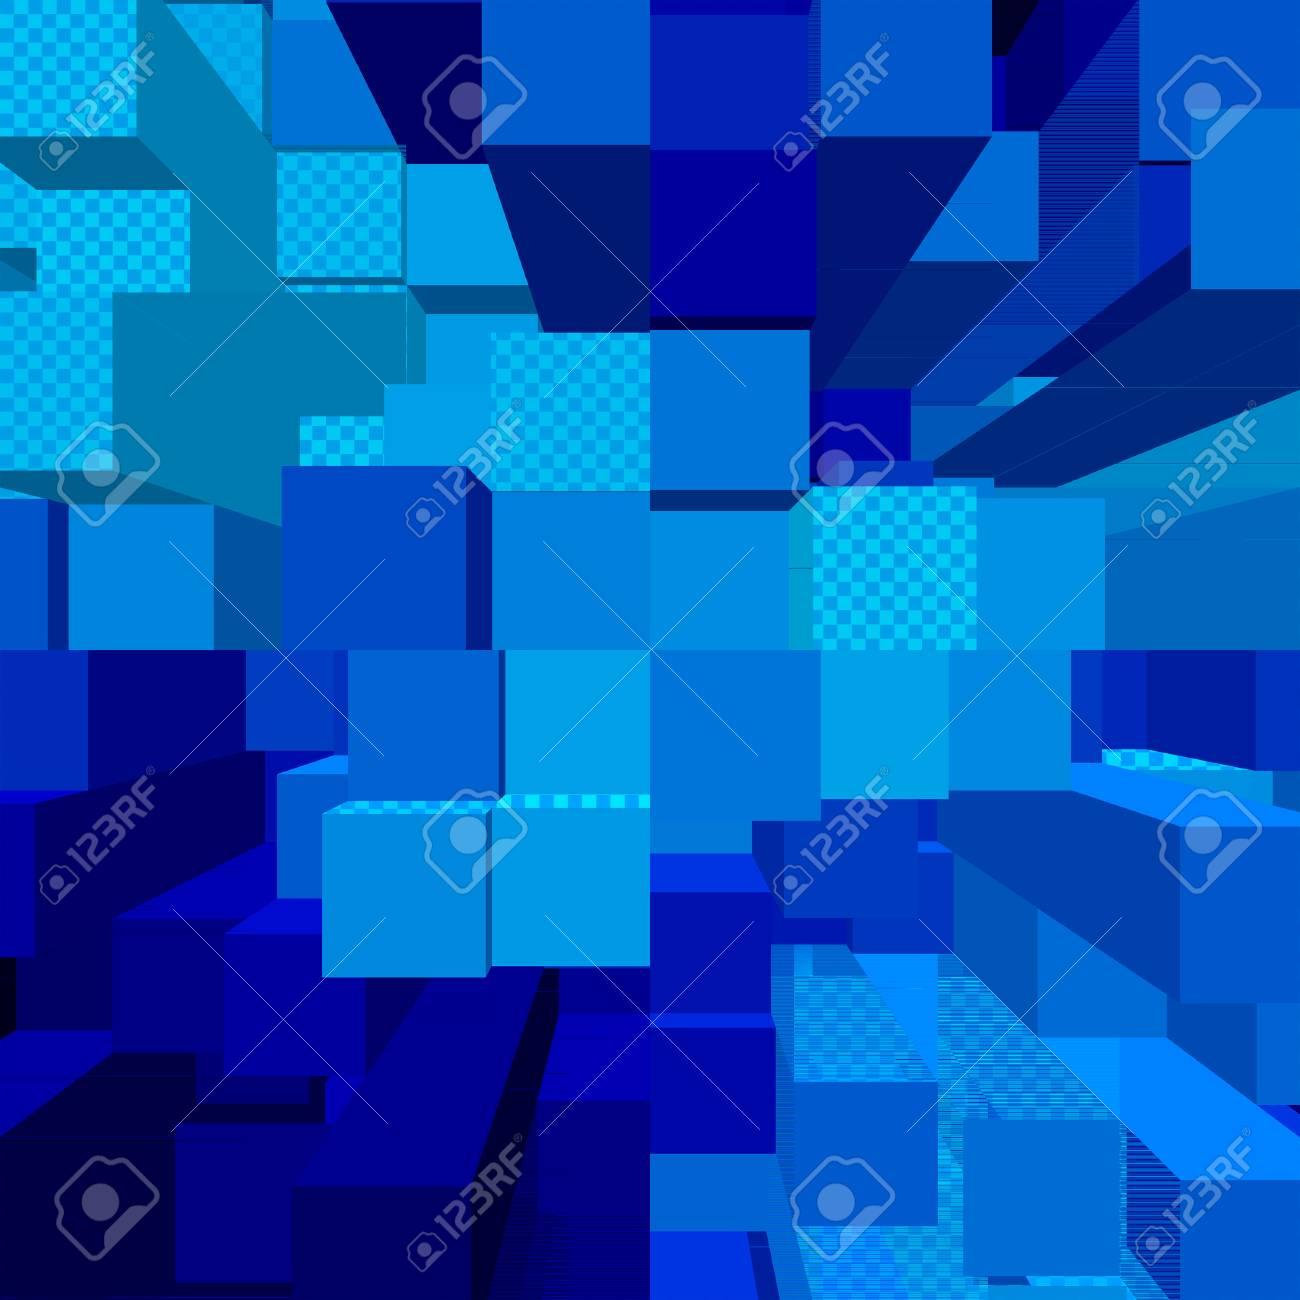 Blauer Hintergrund Abstrakte Blöcke Muster Lizenzfreie Fotos, Bilder ...